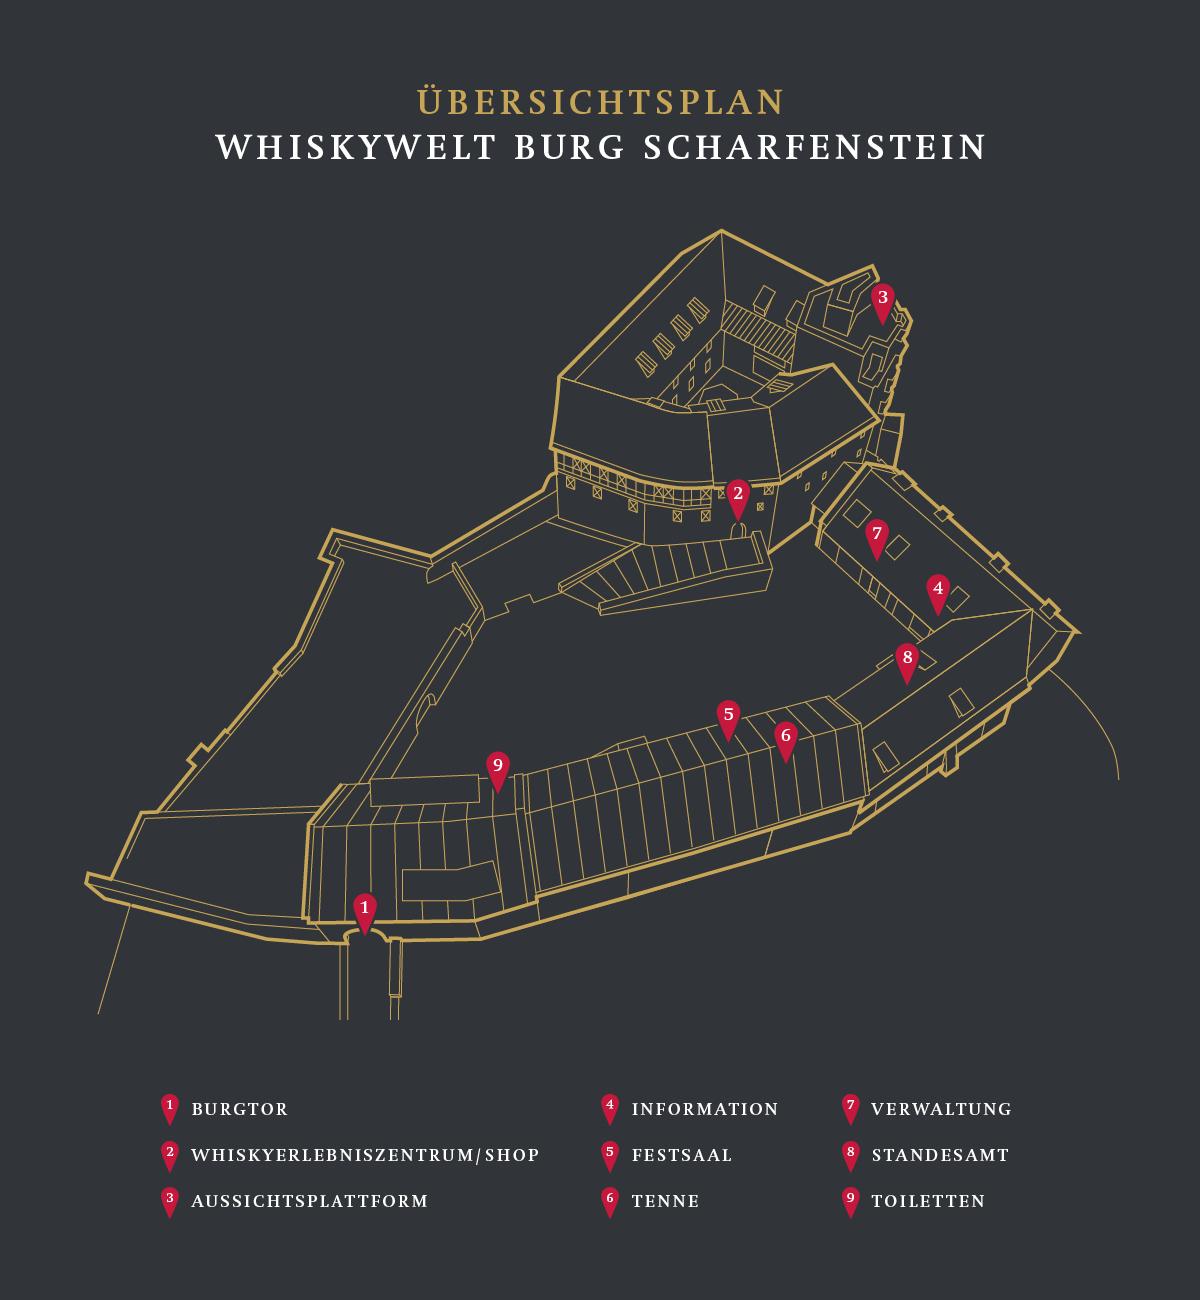 Whiskywelt - Burg Scharfenstein